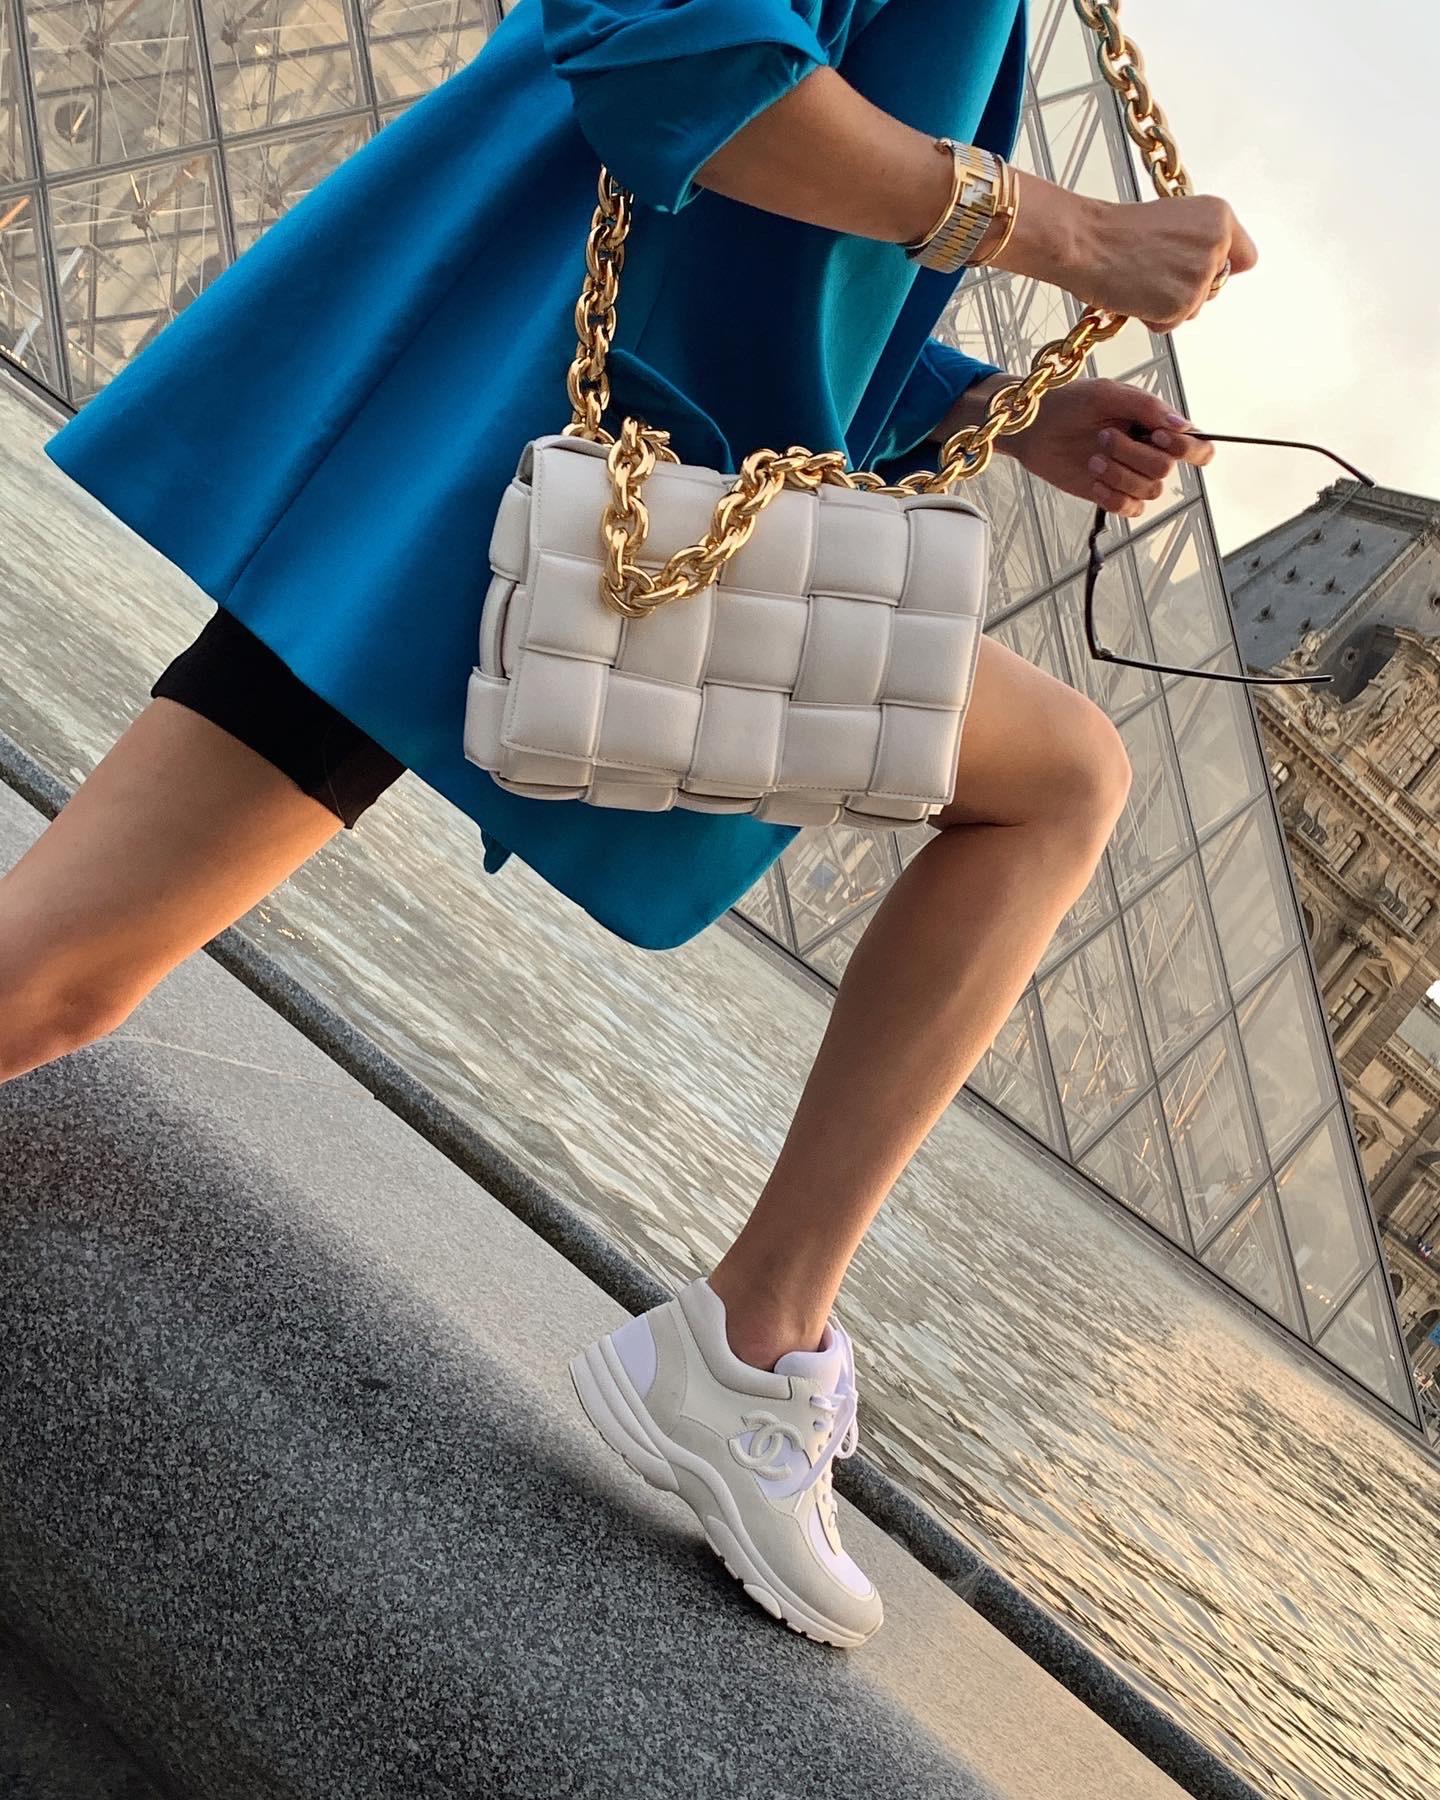 Bottega and Chanel accessories